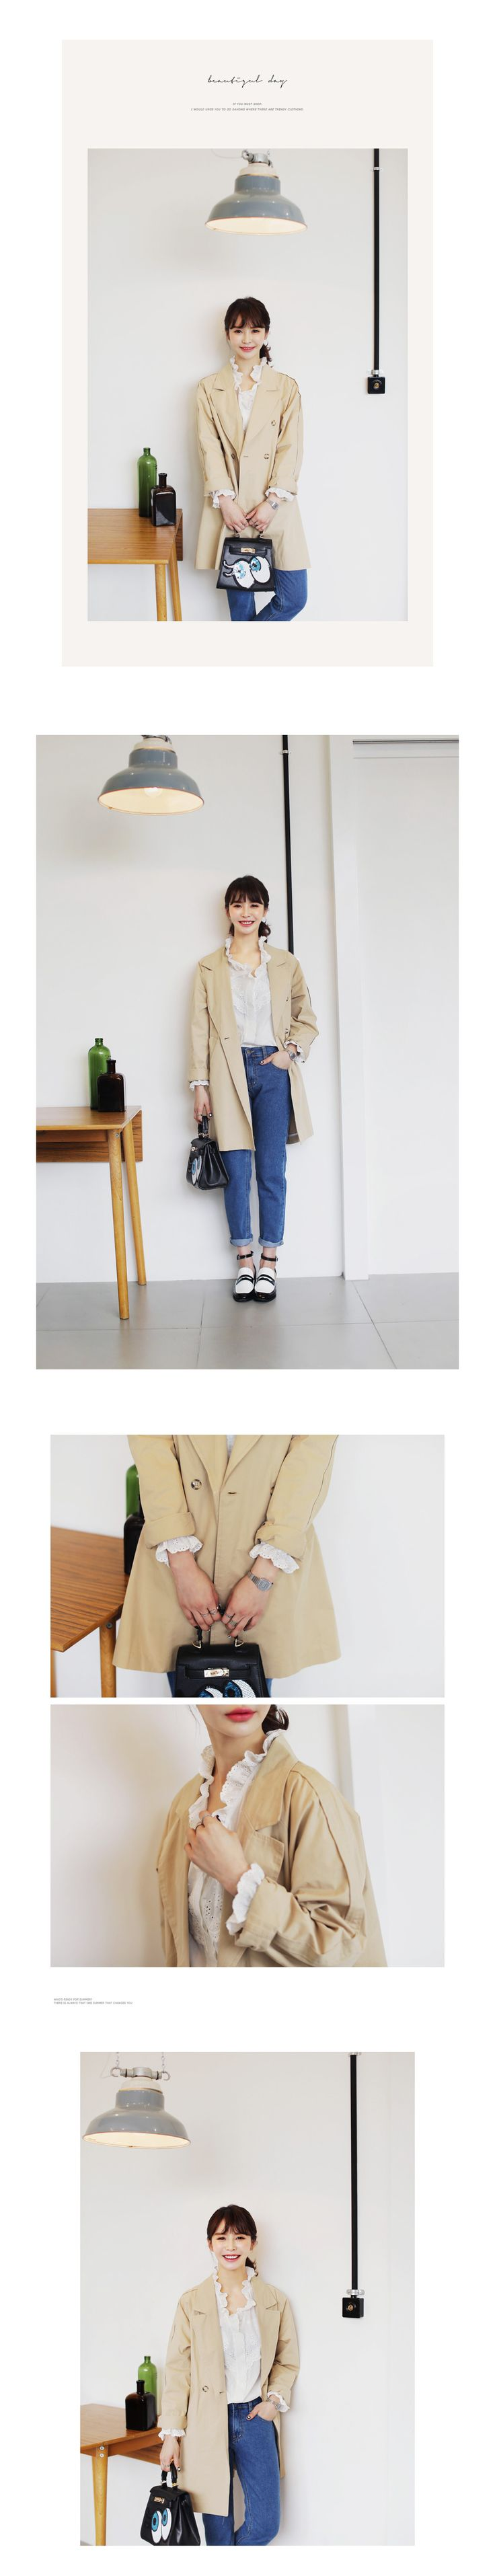 3colorsスリムバギージーンズ・全3色デニム・ジーンズバギーパンツ|レディースファッション通販 DHOLICディーホリック [ファストファッション 水着 ワンピース]